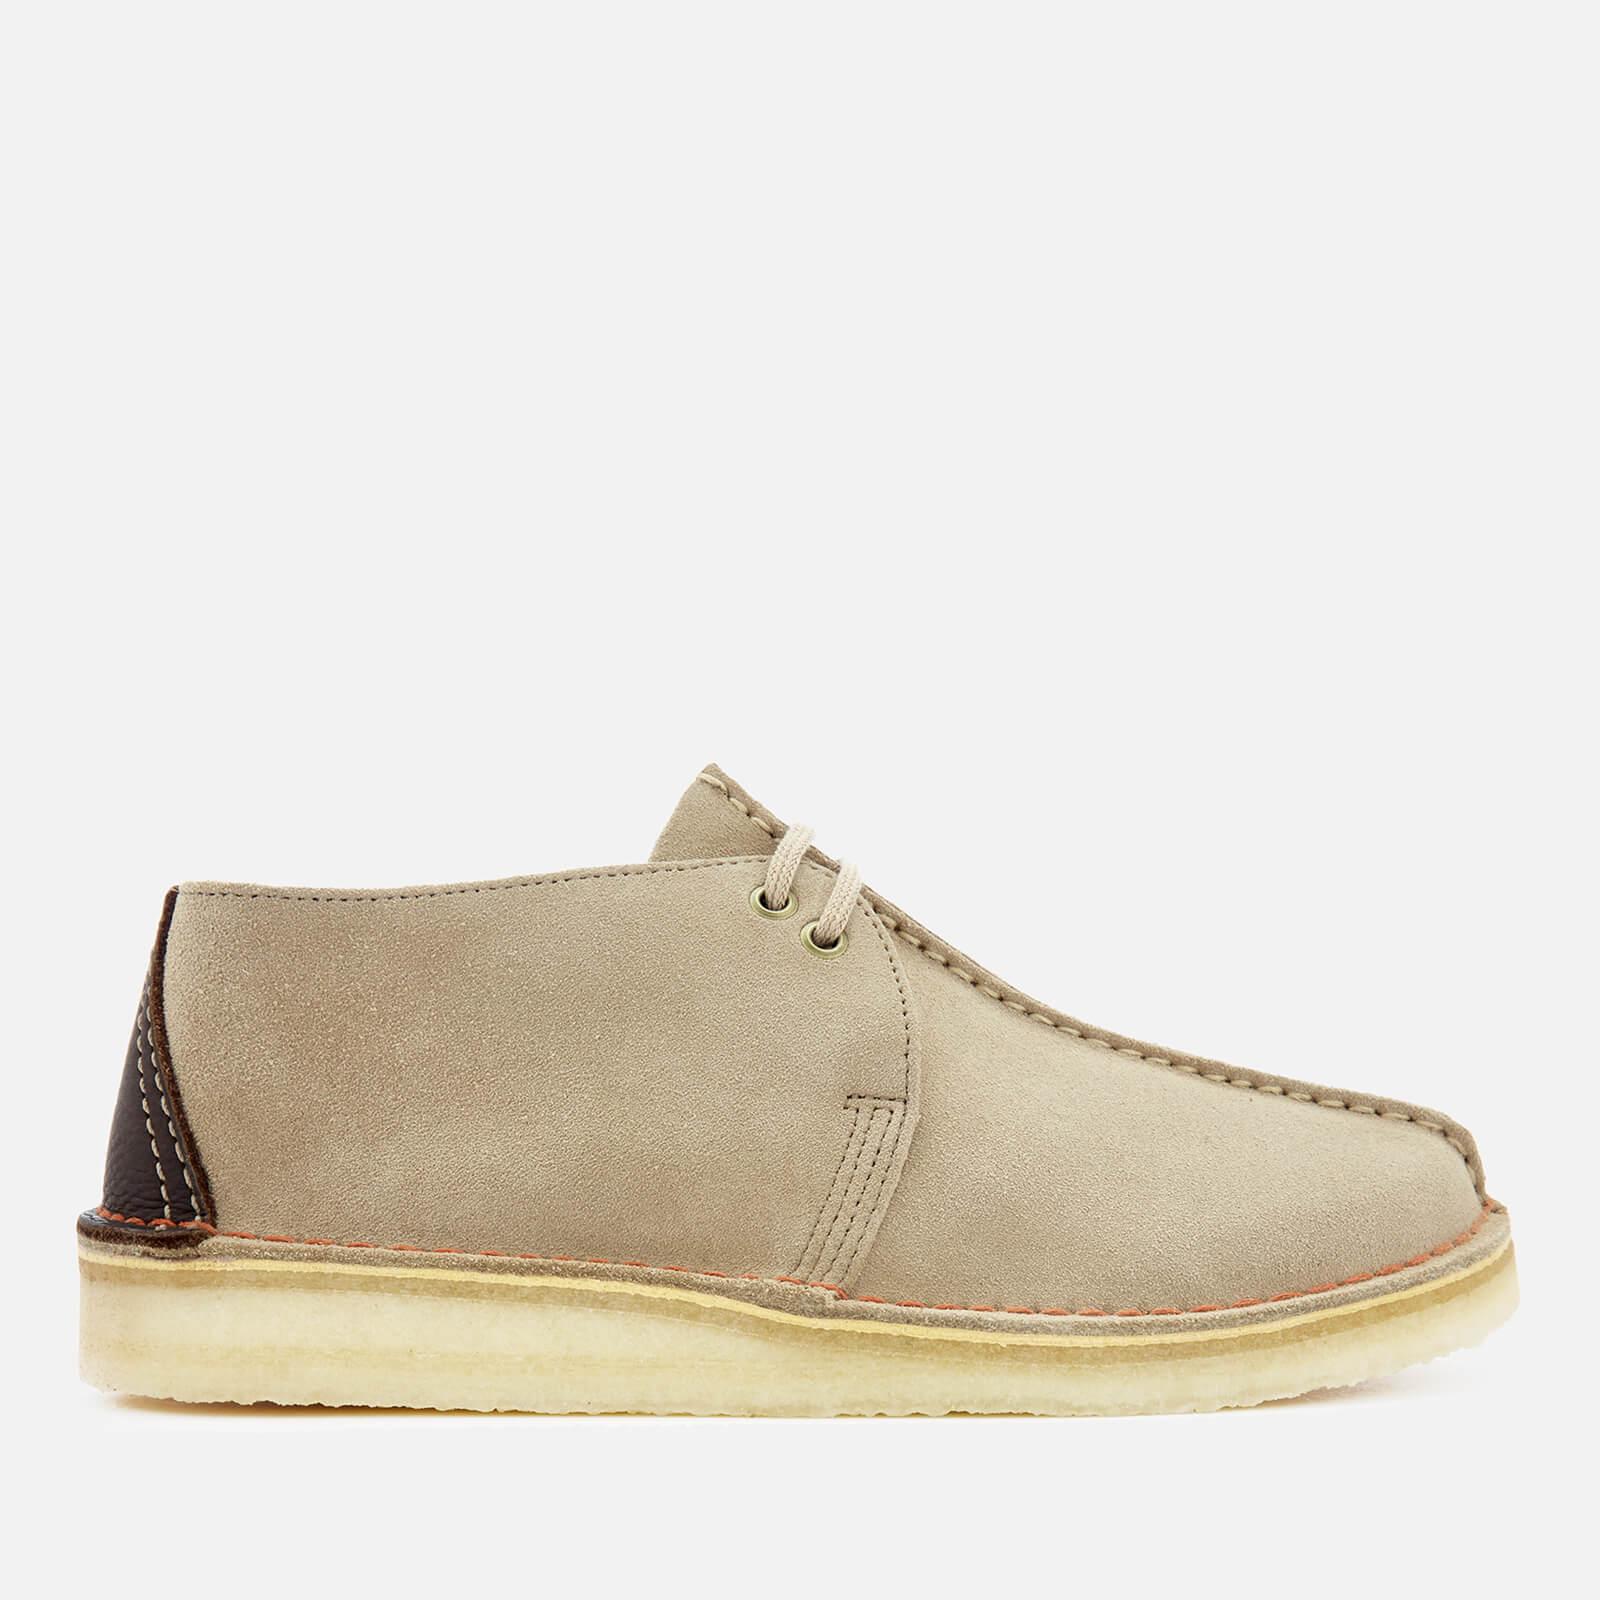 c9895c27378ec Clarks Originals Men's Desert Trek Suede Shoes - Sand Clothing | TheHut.com